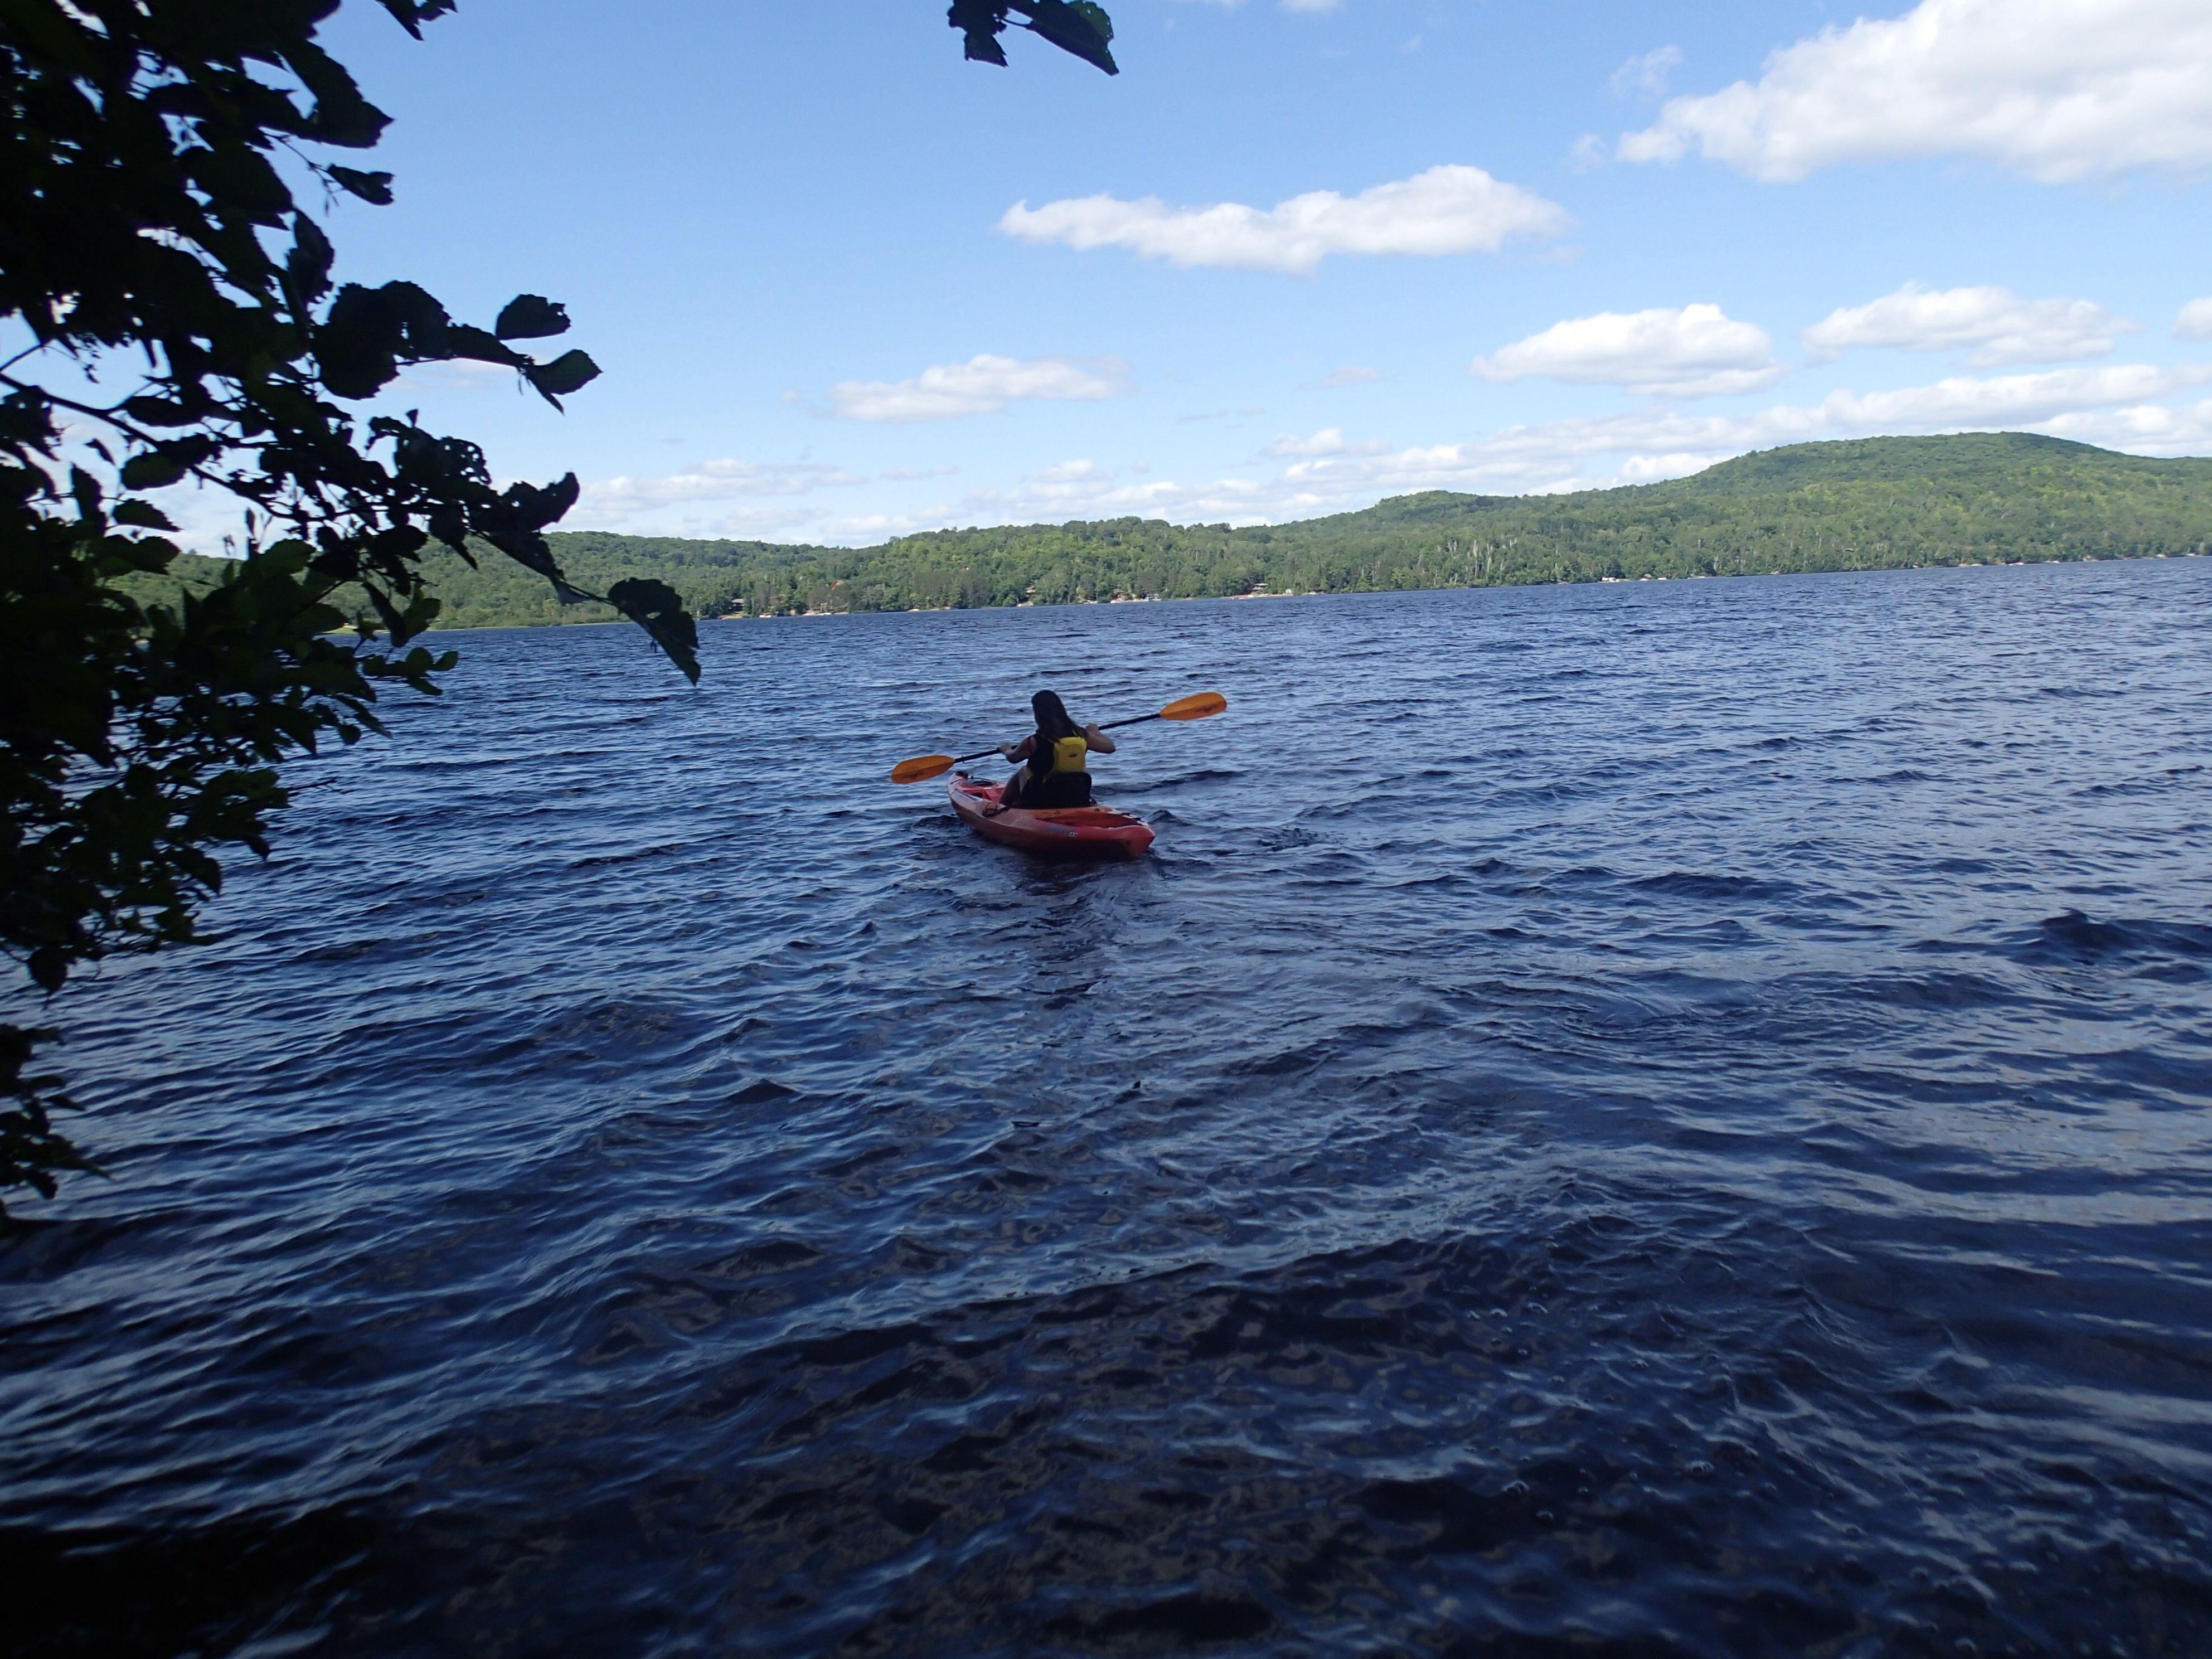 Kayaking on Trout Lake, Nipissing, Ontario